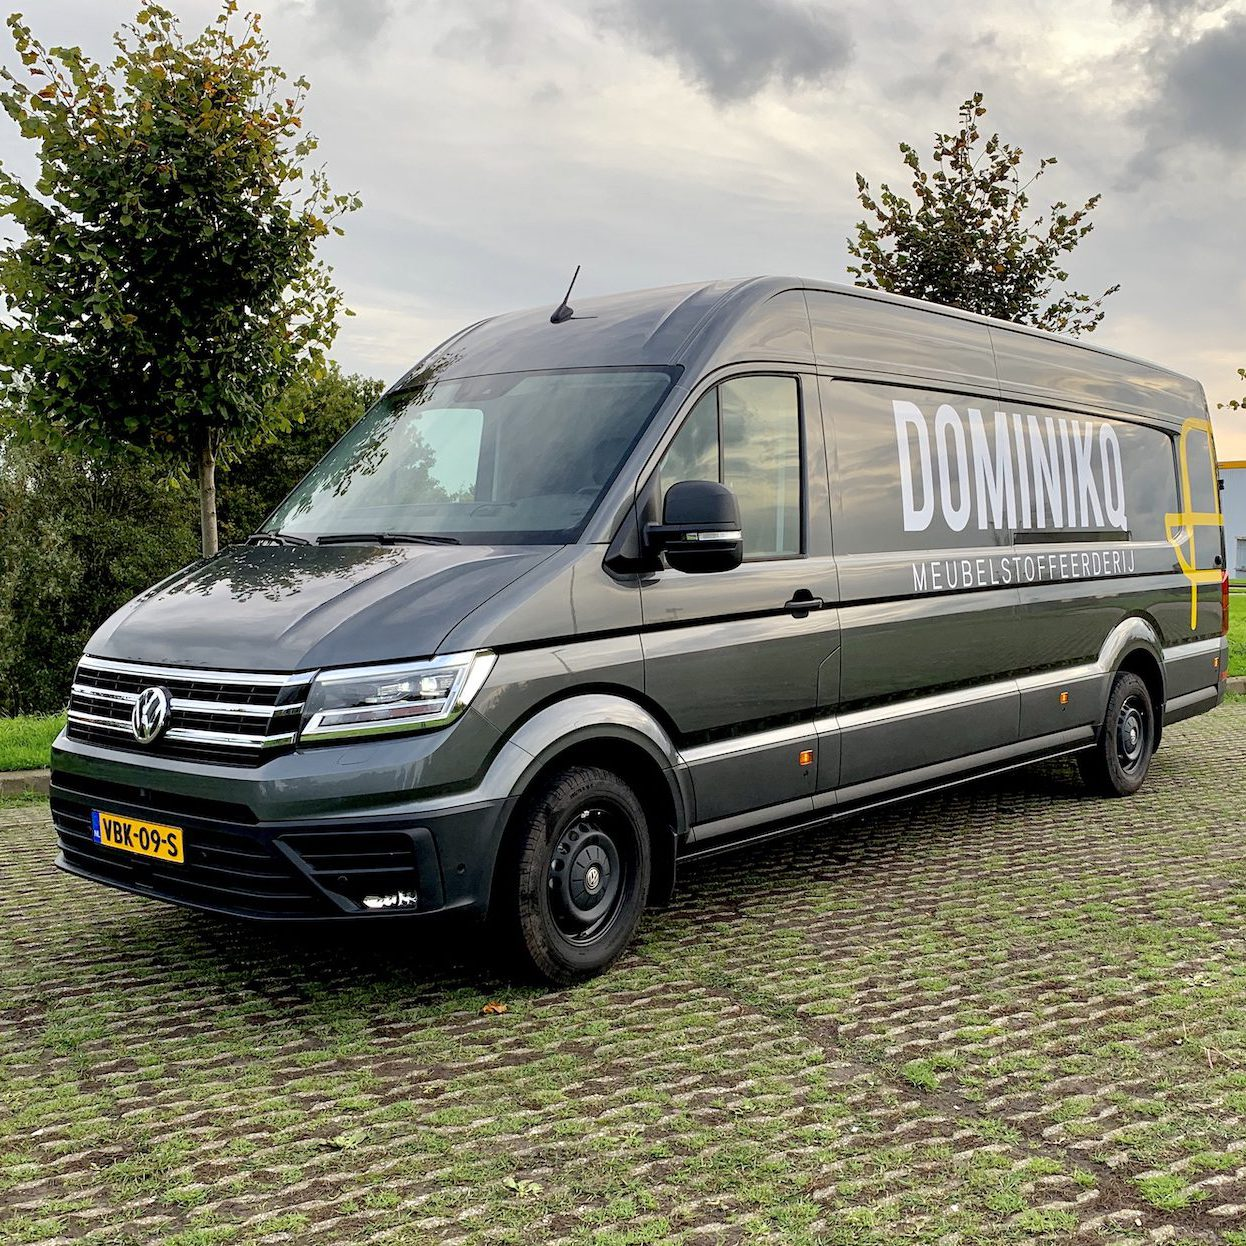 Gratis halen en brengen in de regio bij Dominikq Meubelstoffeerderij. Uw specialist in meubelstoffering voor groot en klein.